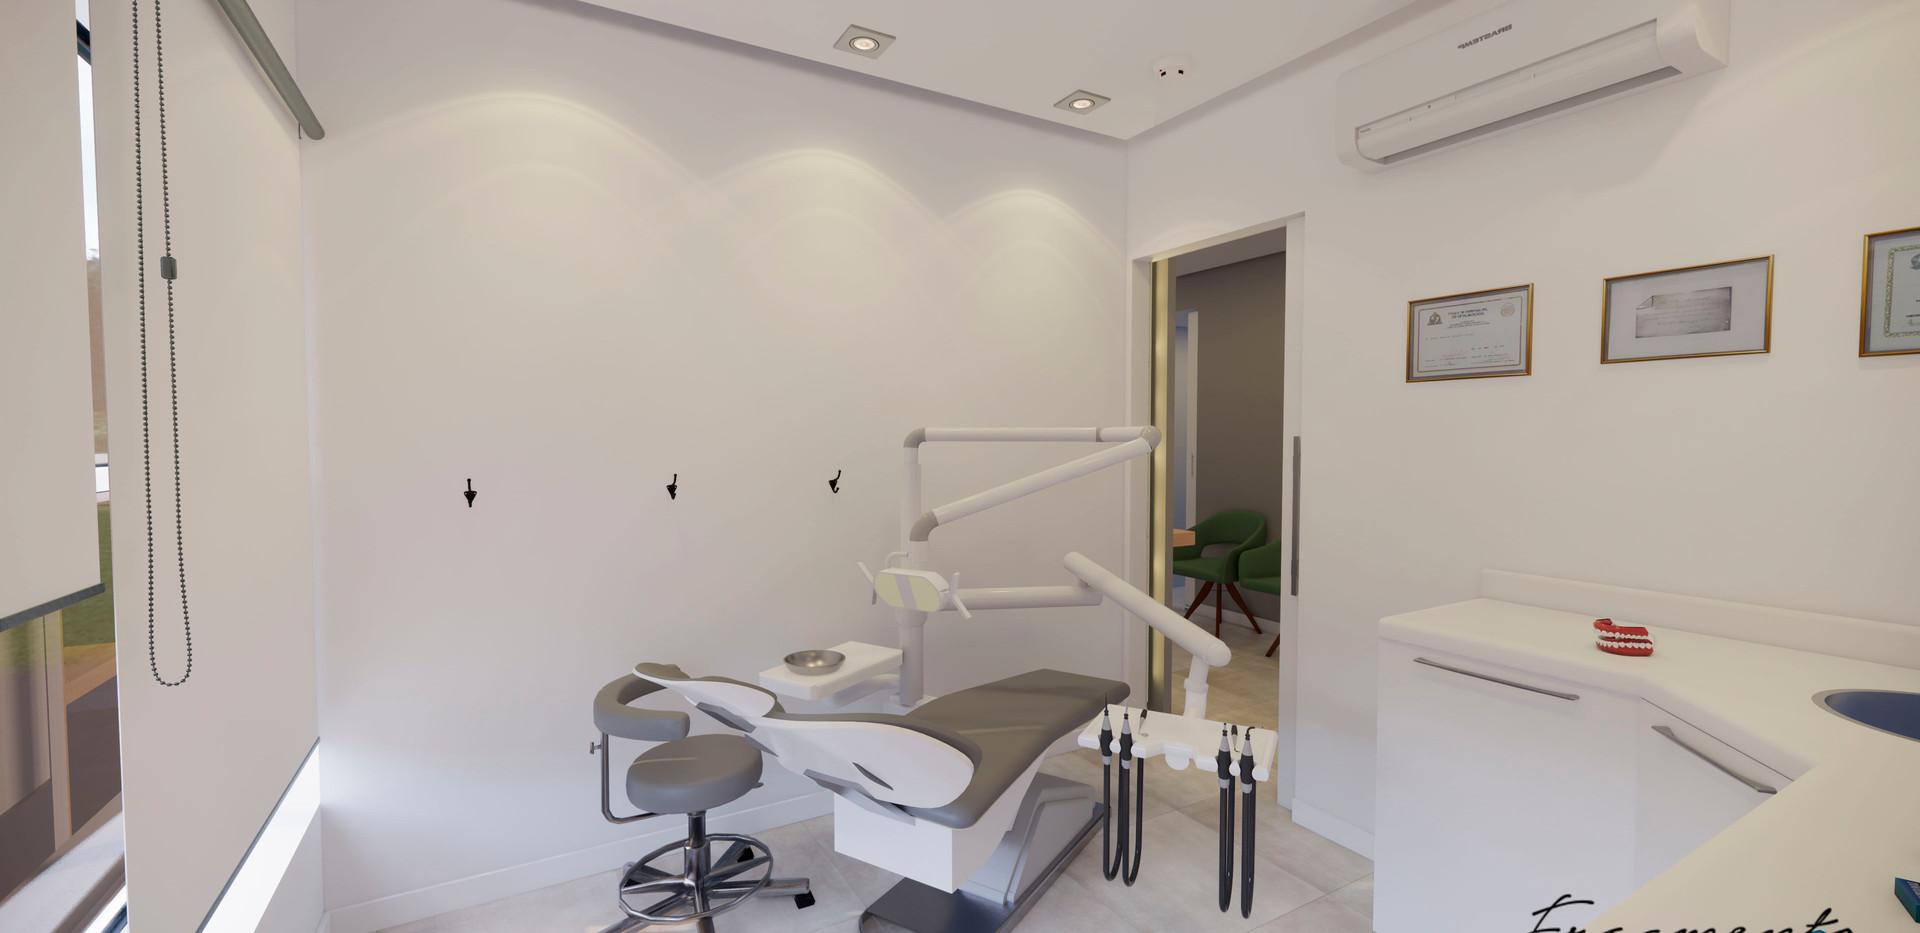 Vasco Odontologia - 8.jpg